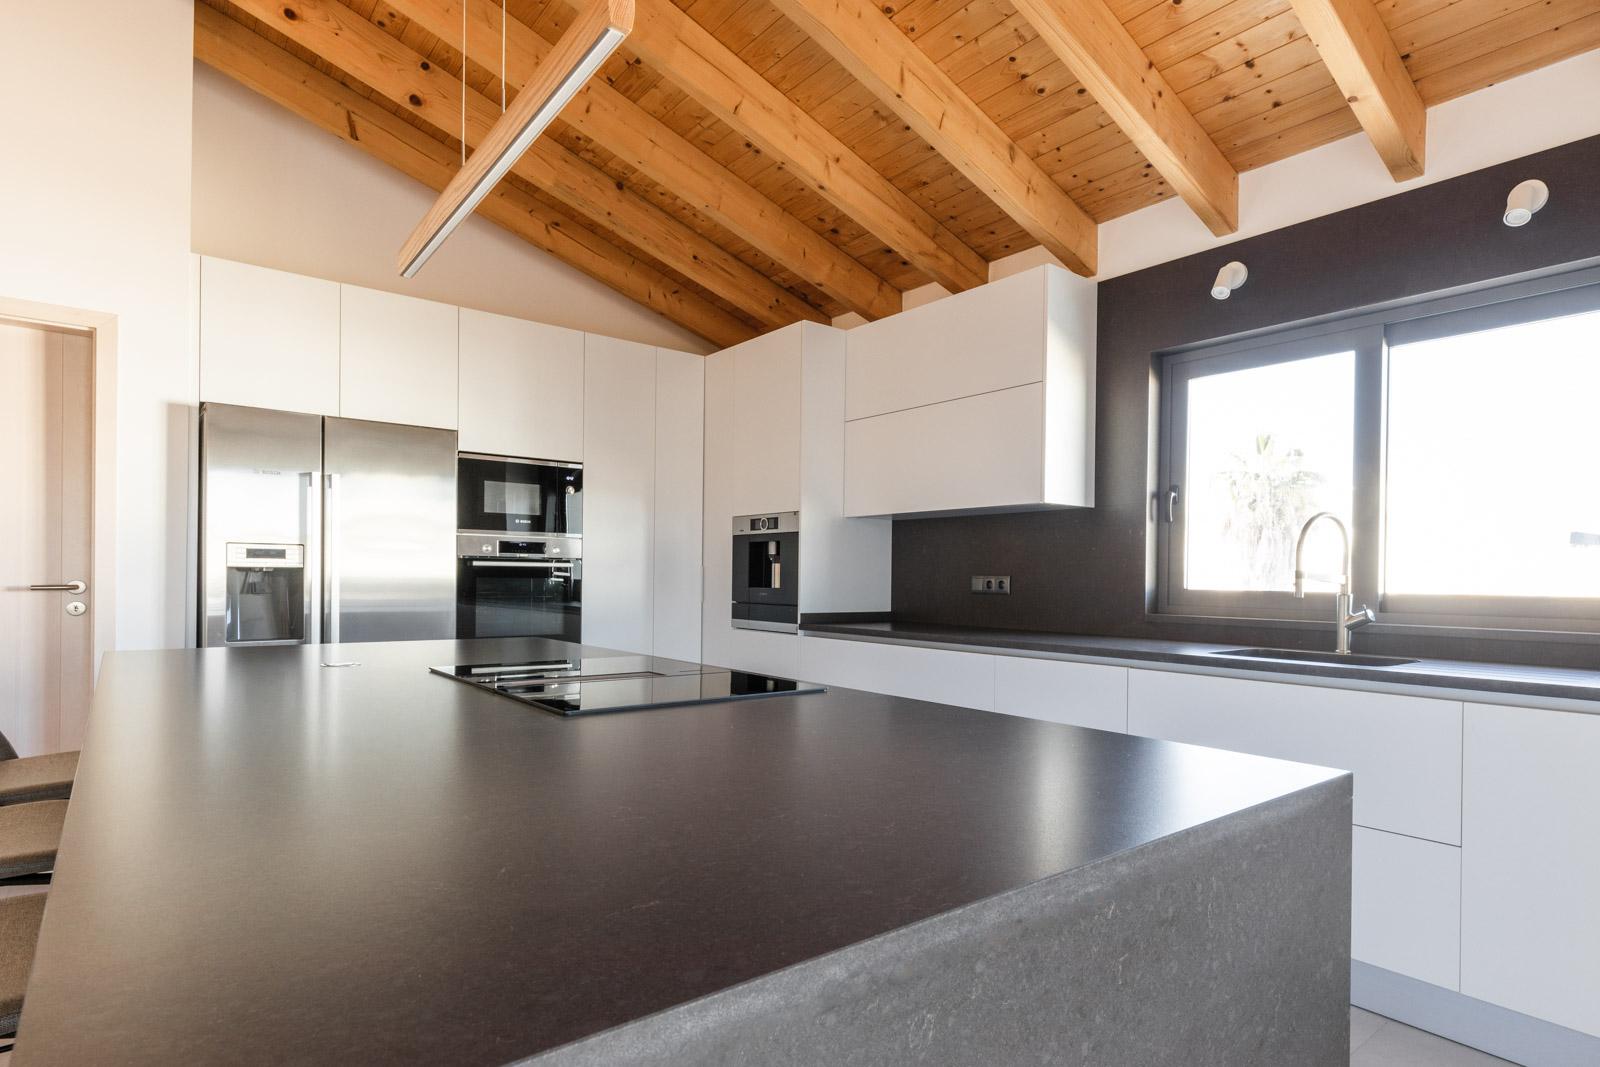 Cozinha moderna em termolaminado branco, com ilha em Silestone Merope Suede, com sistema BORA Classic 2.0 de indução, com combinado Americano, máquina de café, forno e micro-ondas.